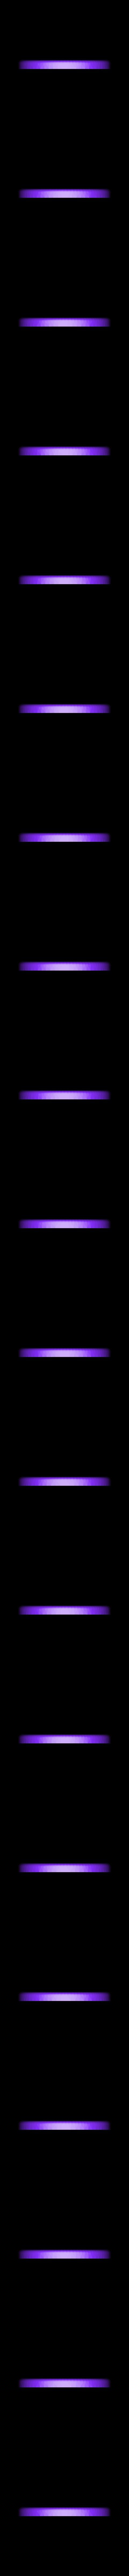 support couvert.STL Télécharger fichier STL gratuit Support & Repose Cuillère  • Objet pour impression 3D, GuilhemPerroud